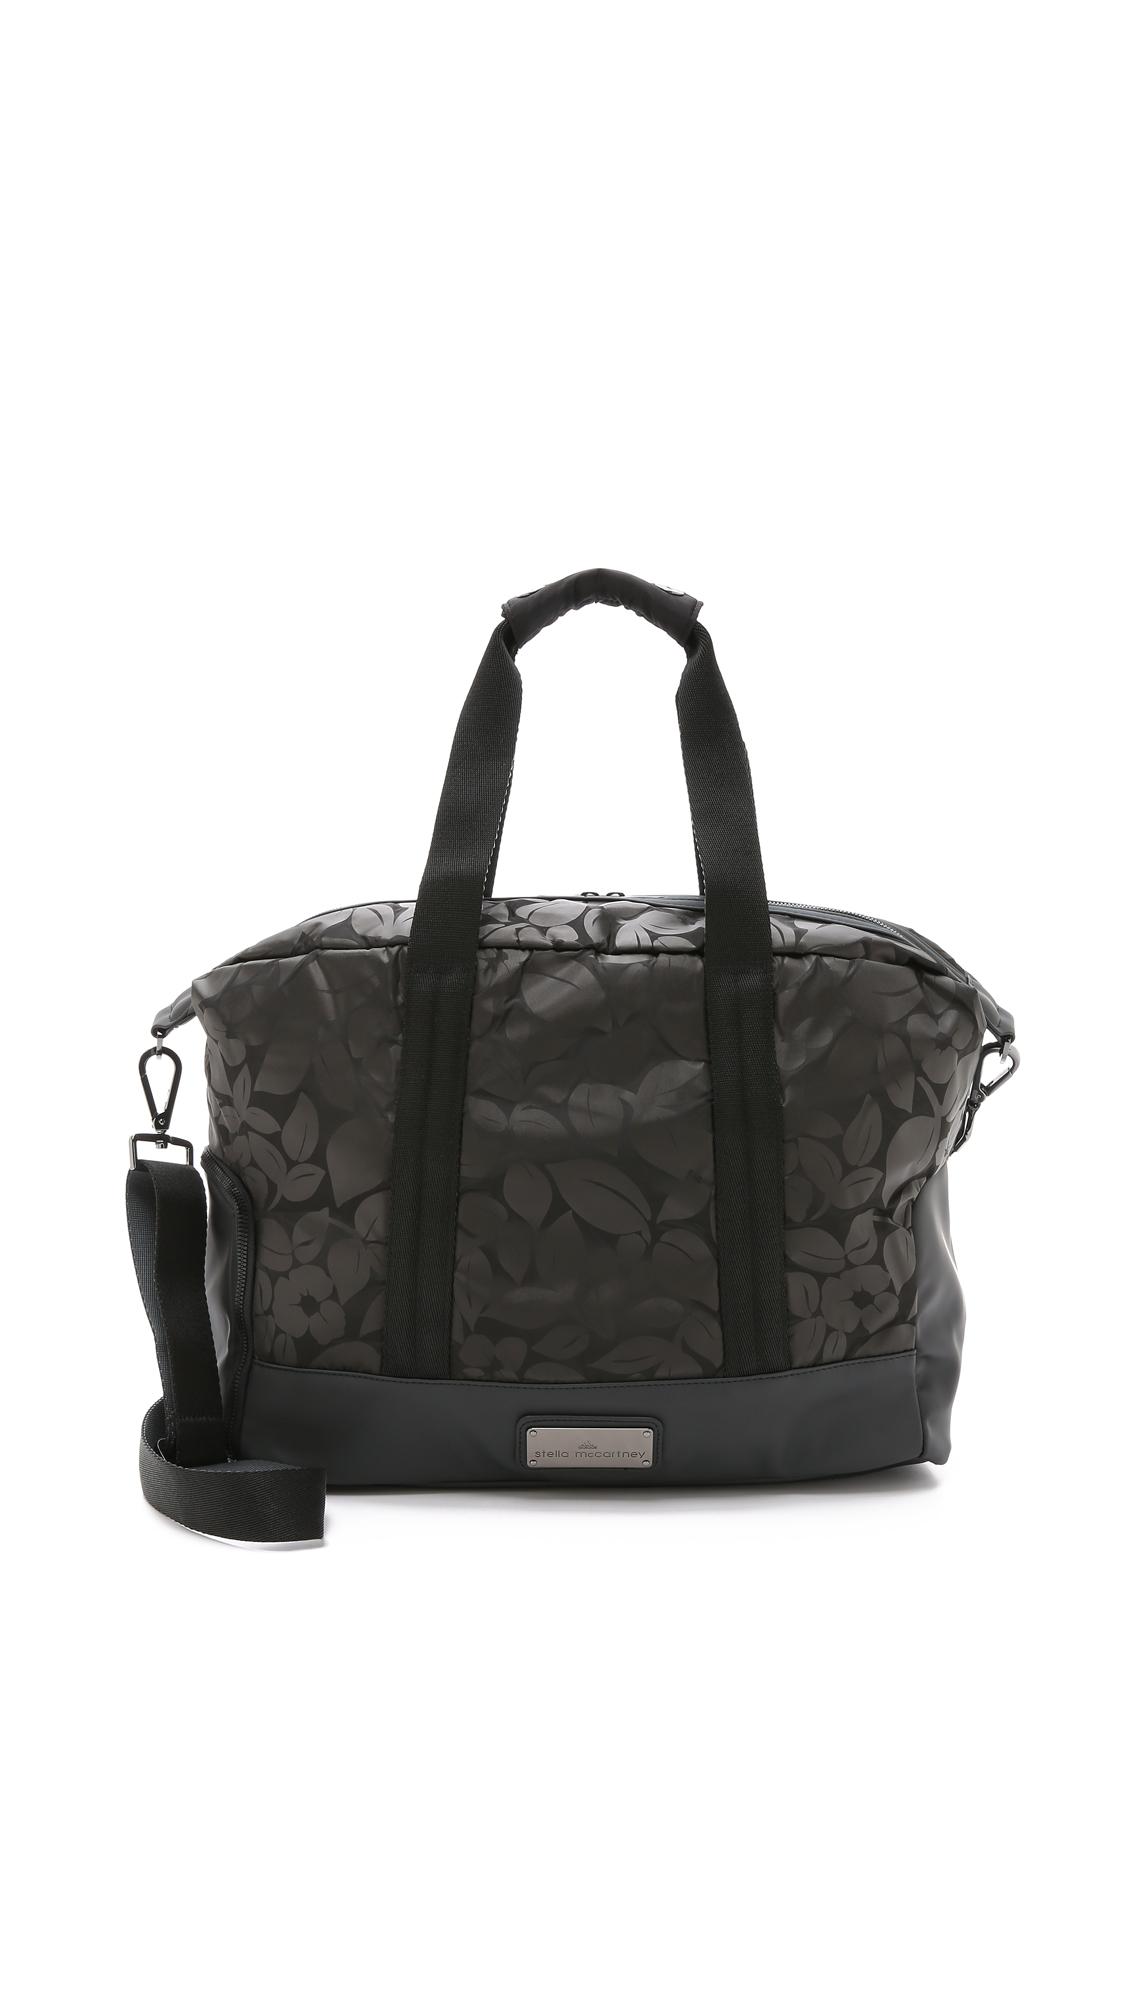 Lyst - adidas By Stella McCartney Small Gym Bag - Black gunmetal in ... d2d09425d8